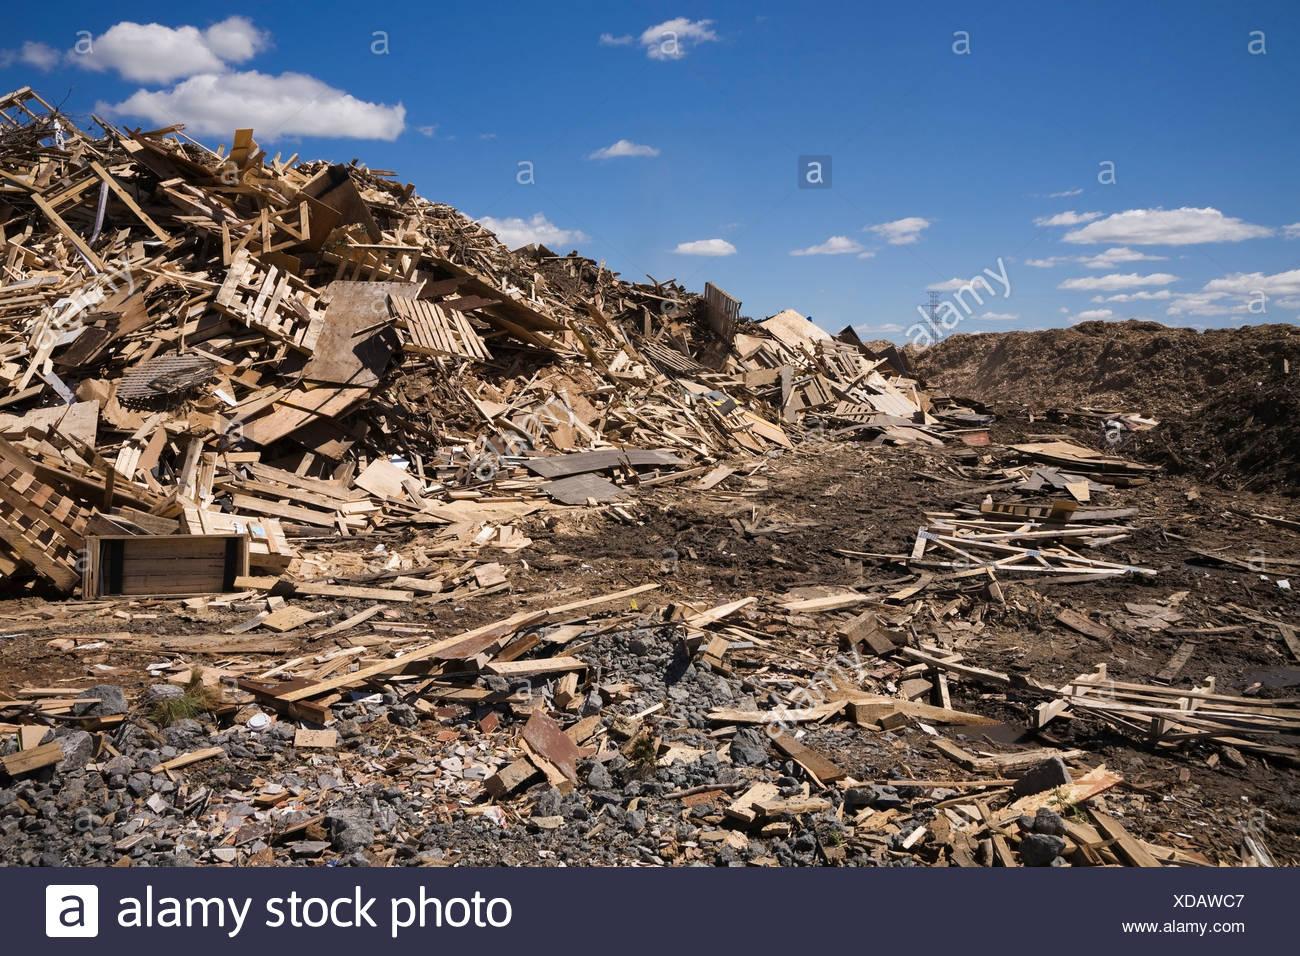 Pila di legno scartato a gestione dei rifiuti sito Immagini Stock